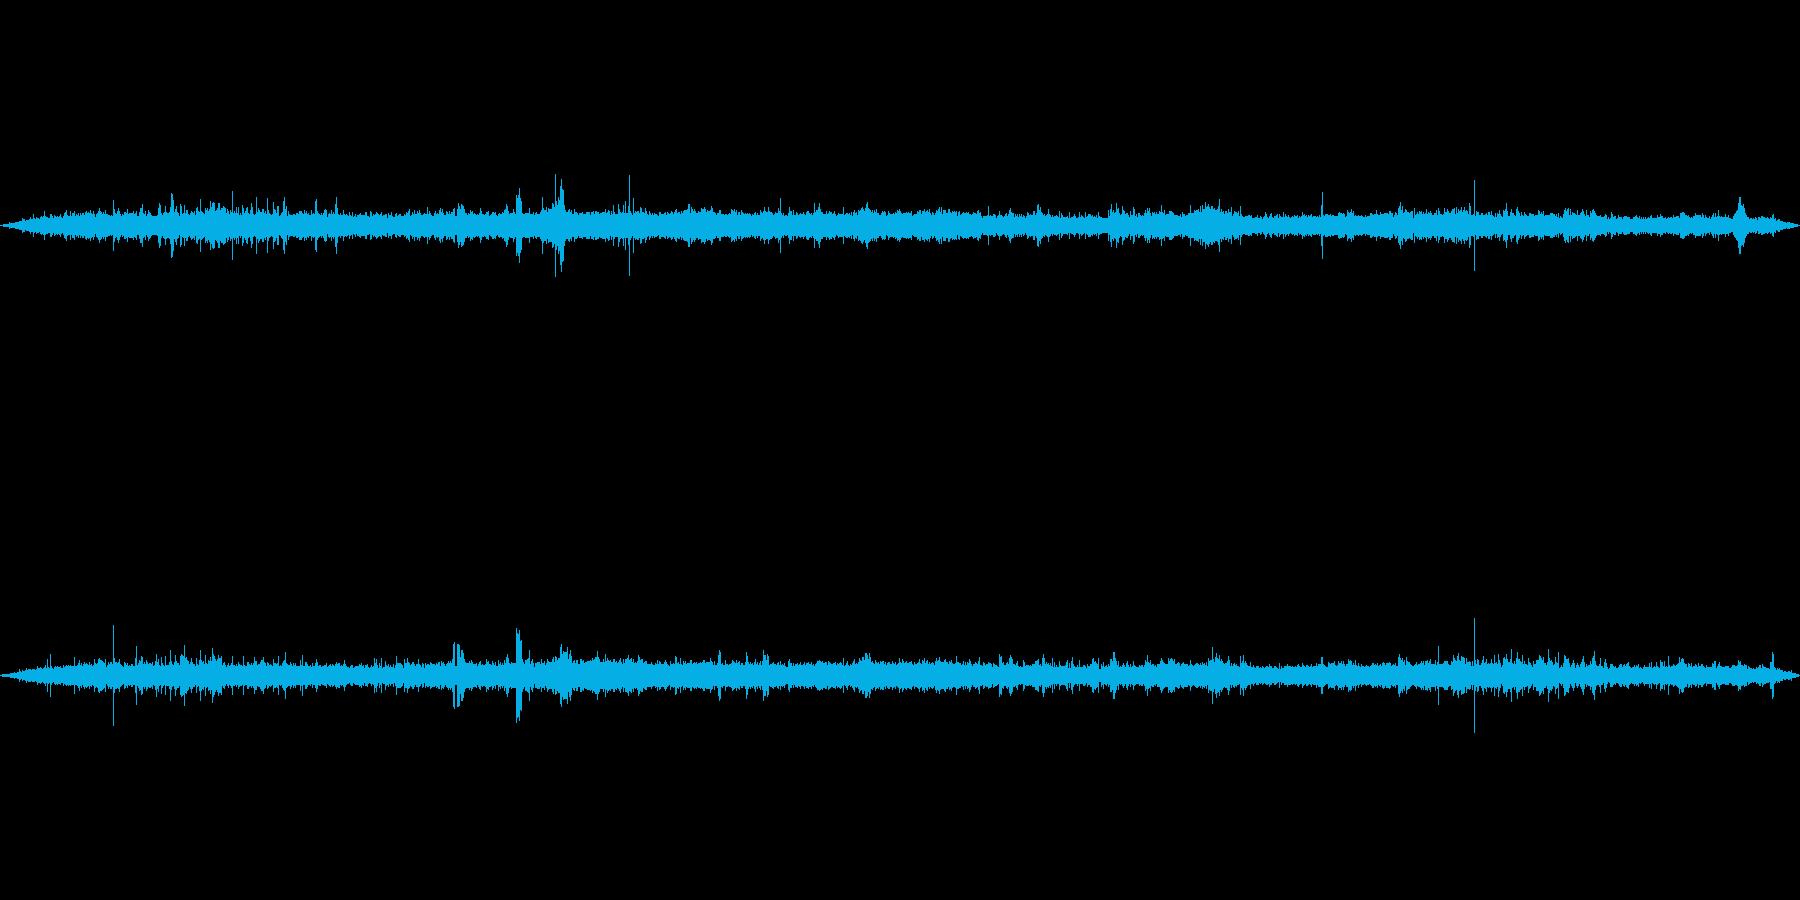 環境音-雑踏(バイノーラル録音)の再生済みの波形